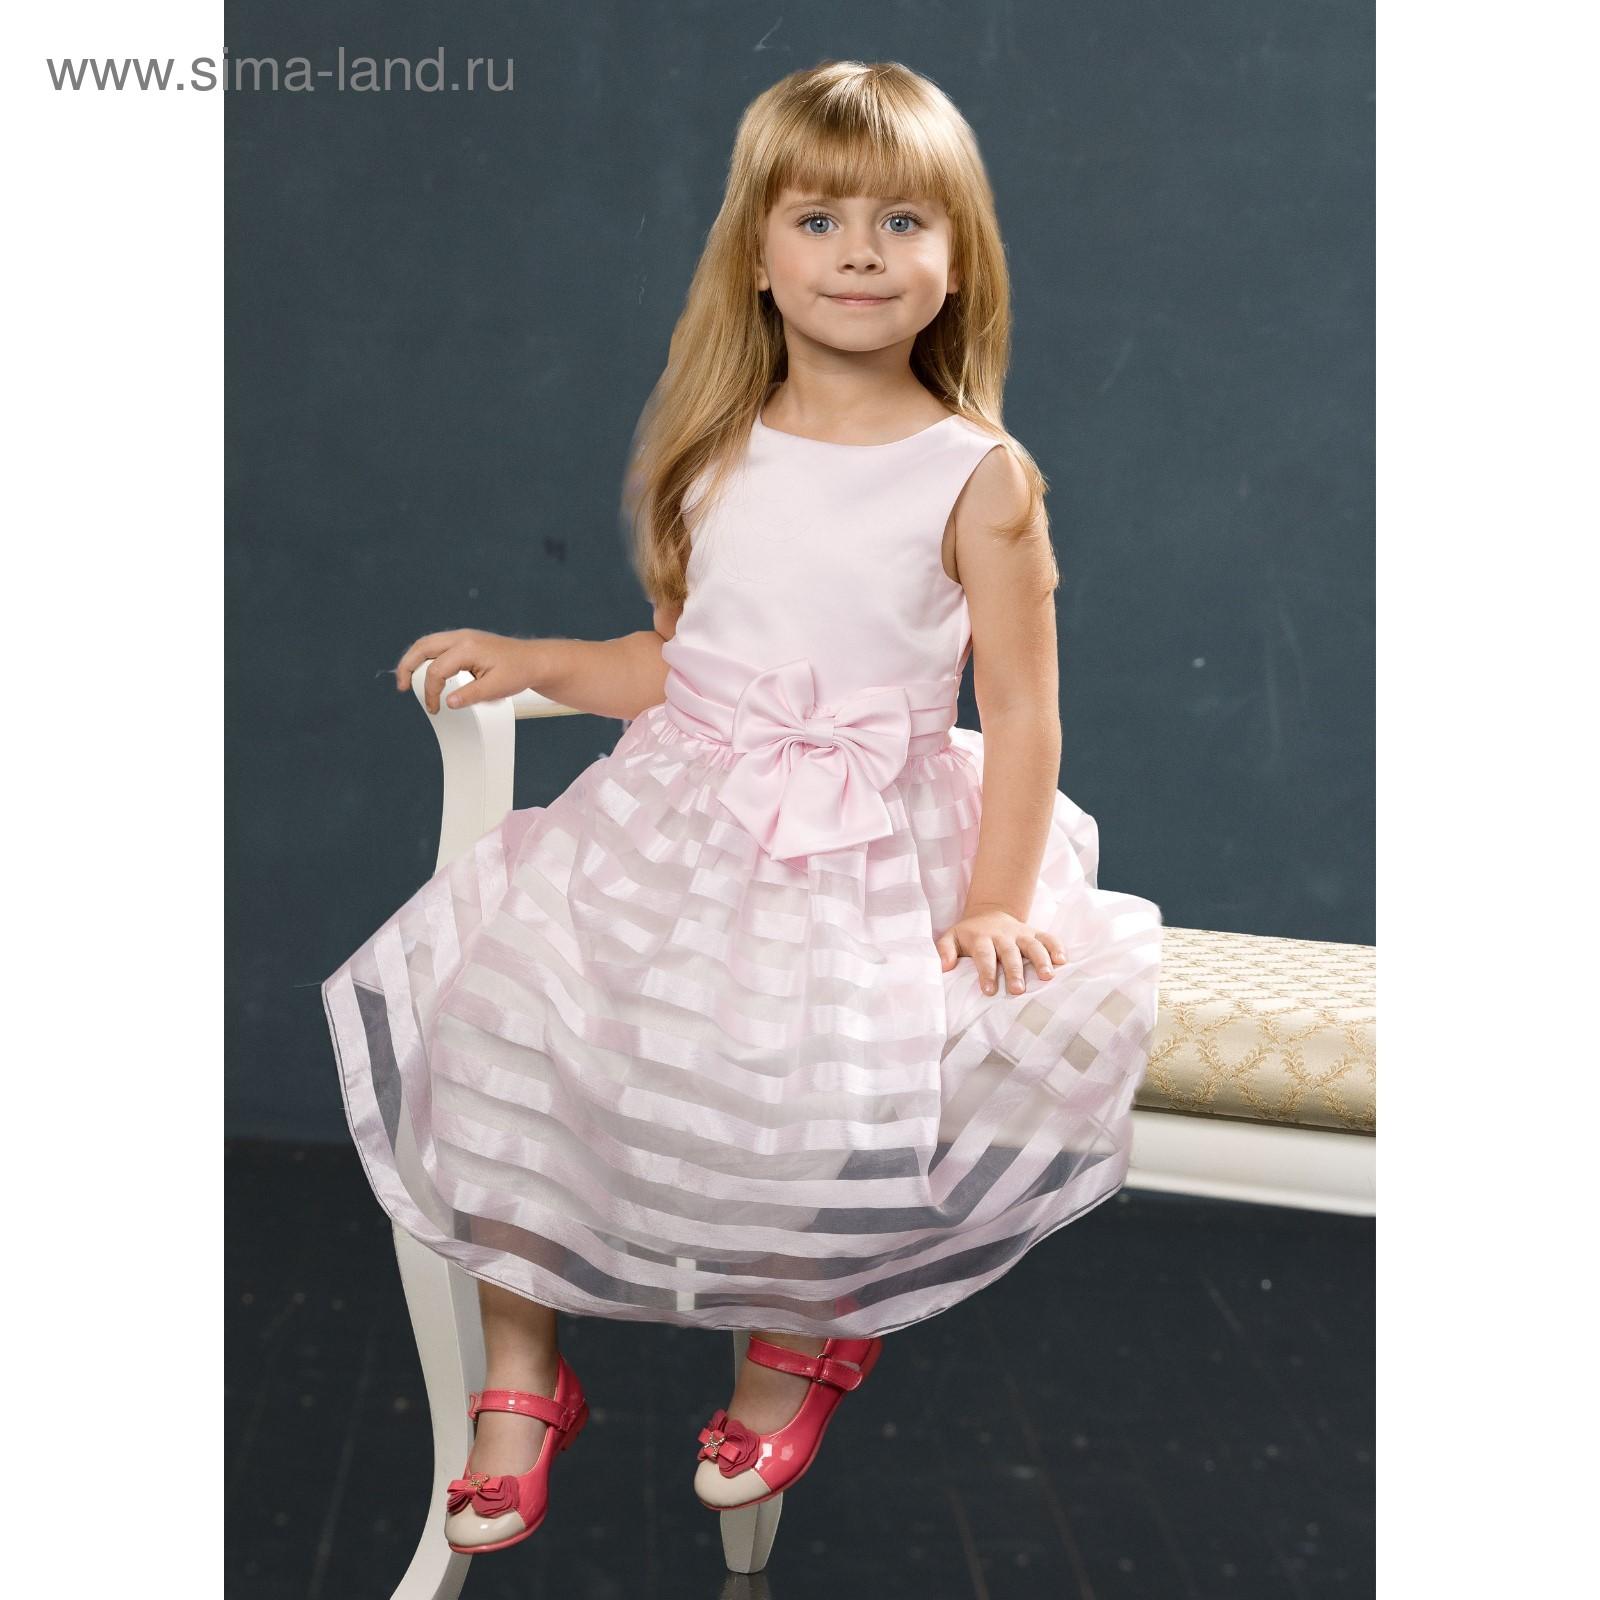 9b1114aacca Платье нарядное для девочки